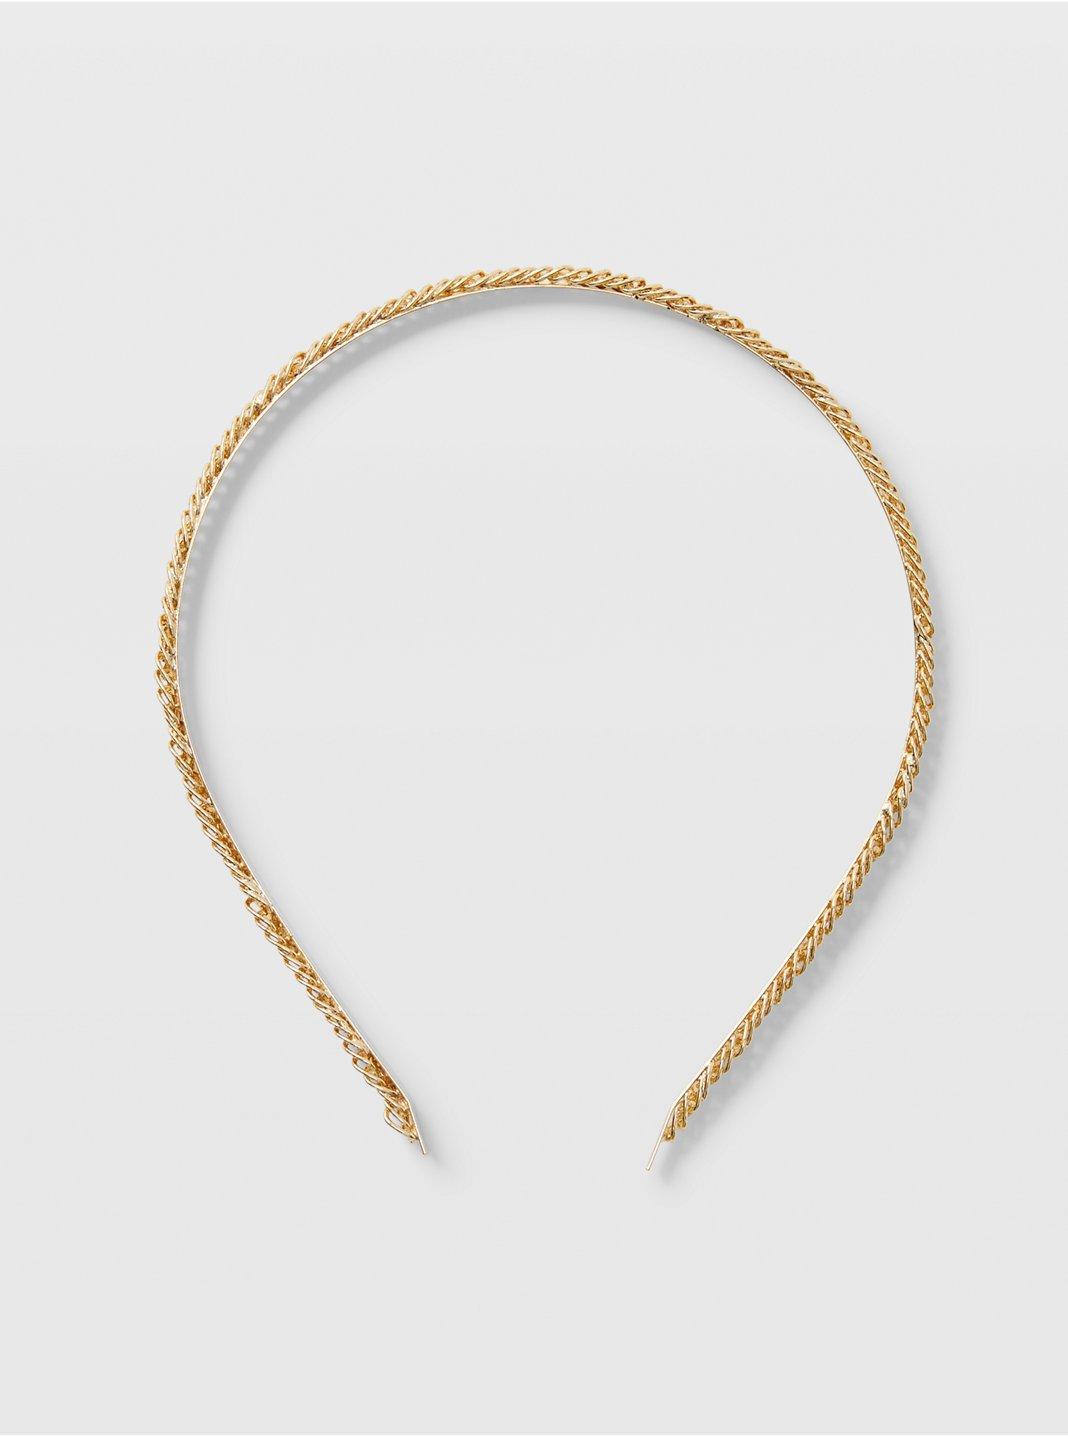 Bandeau à chaîne texturée